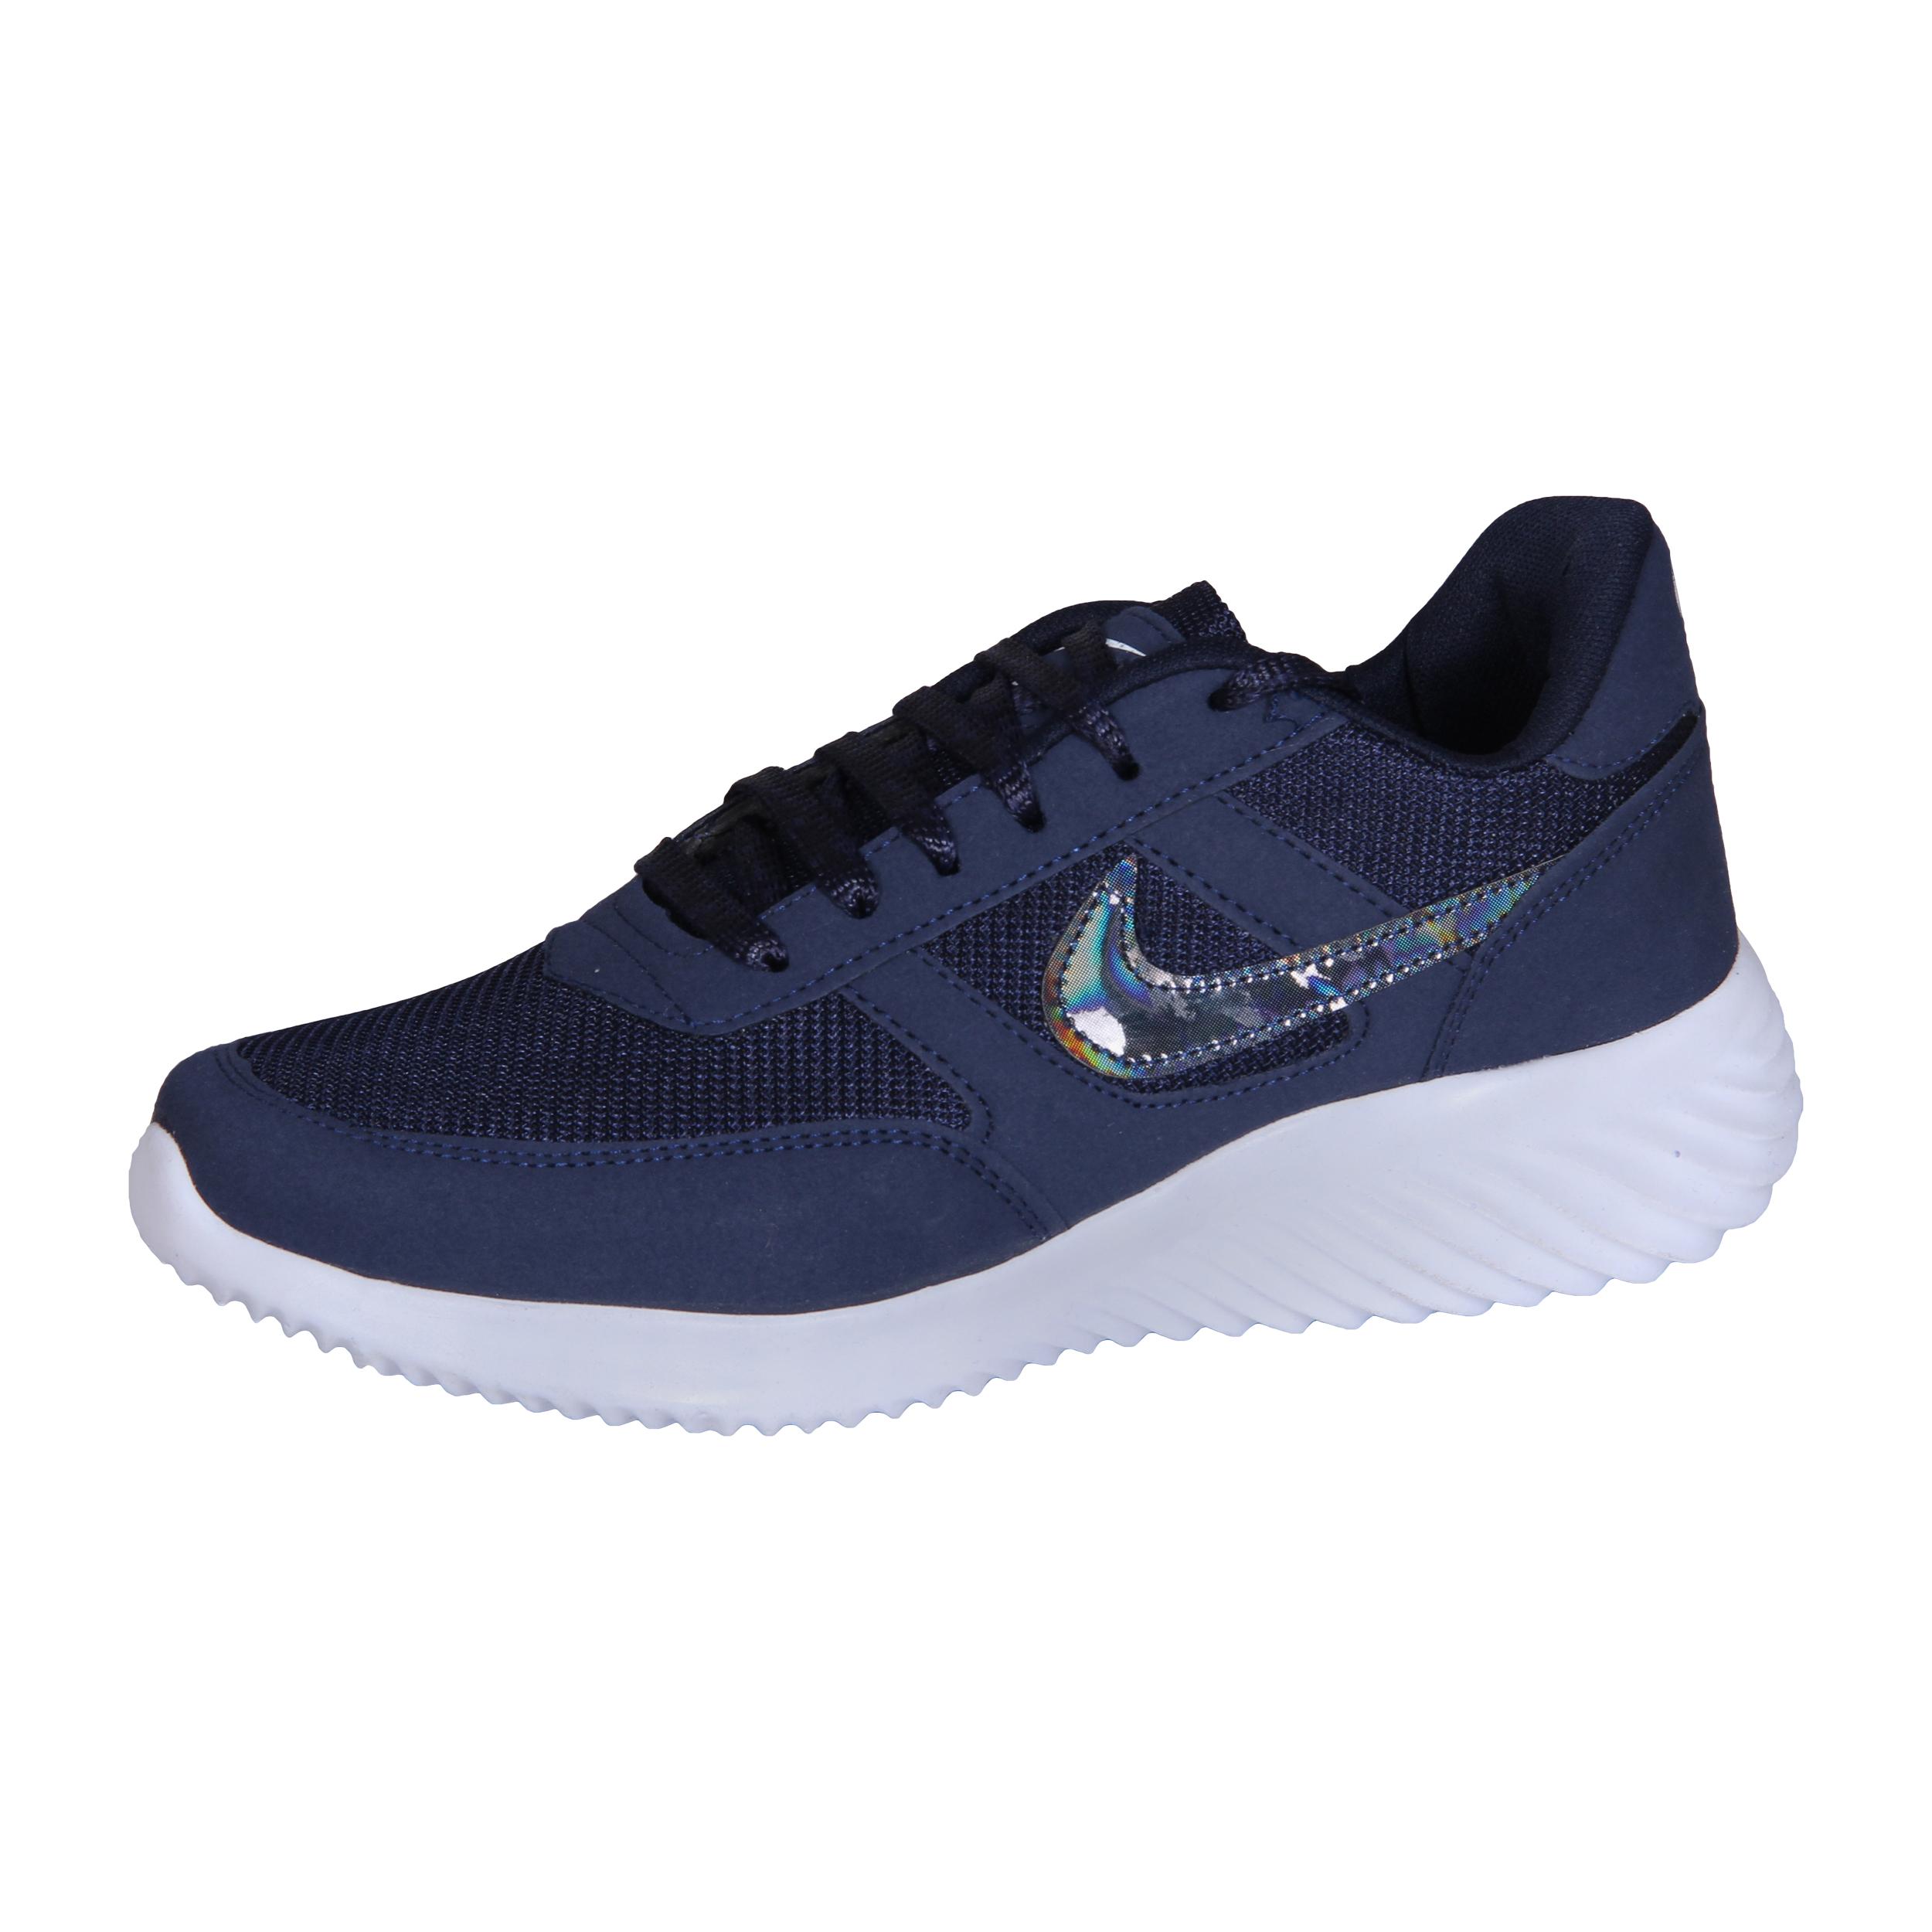 خرید                        کفش مخصوص پیاده روی مردانه کد 13-39988              👟